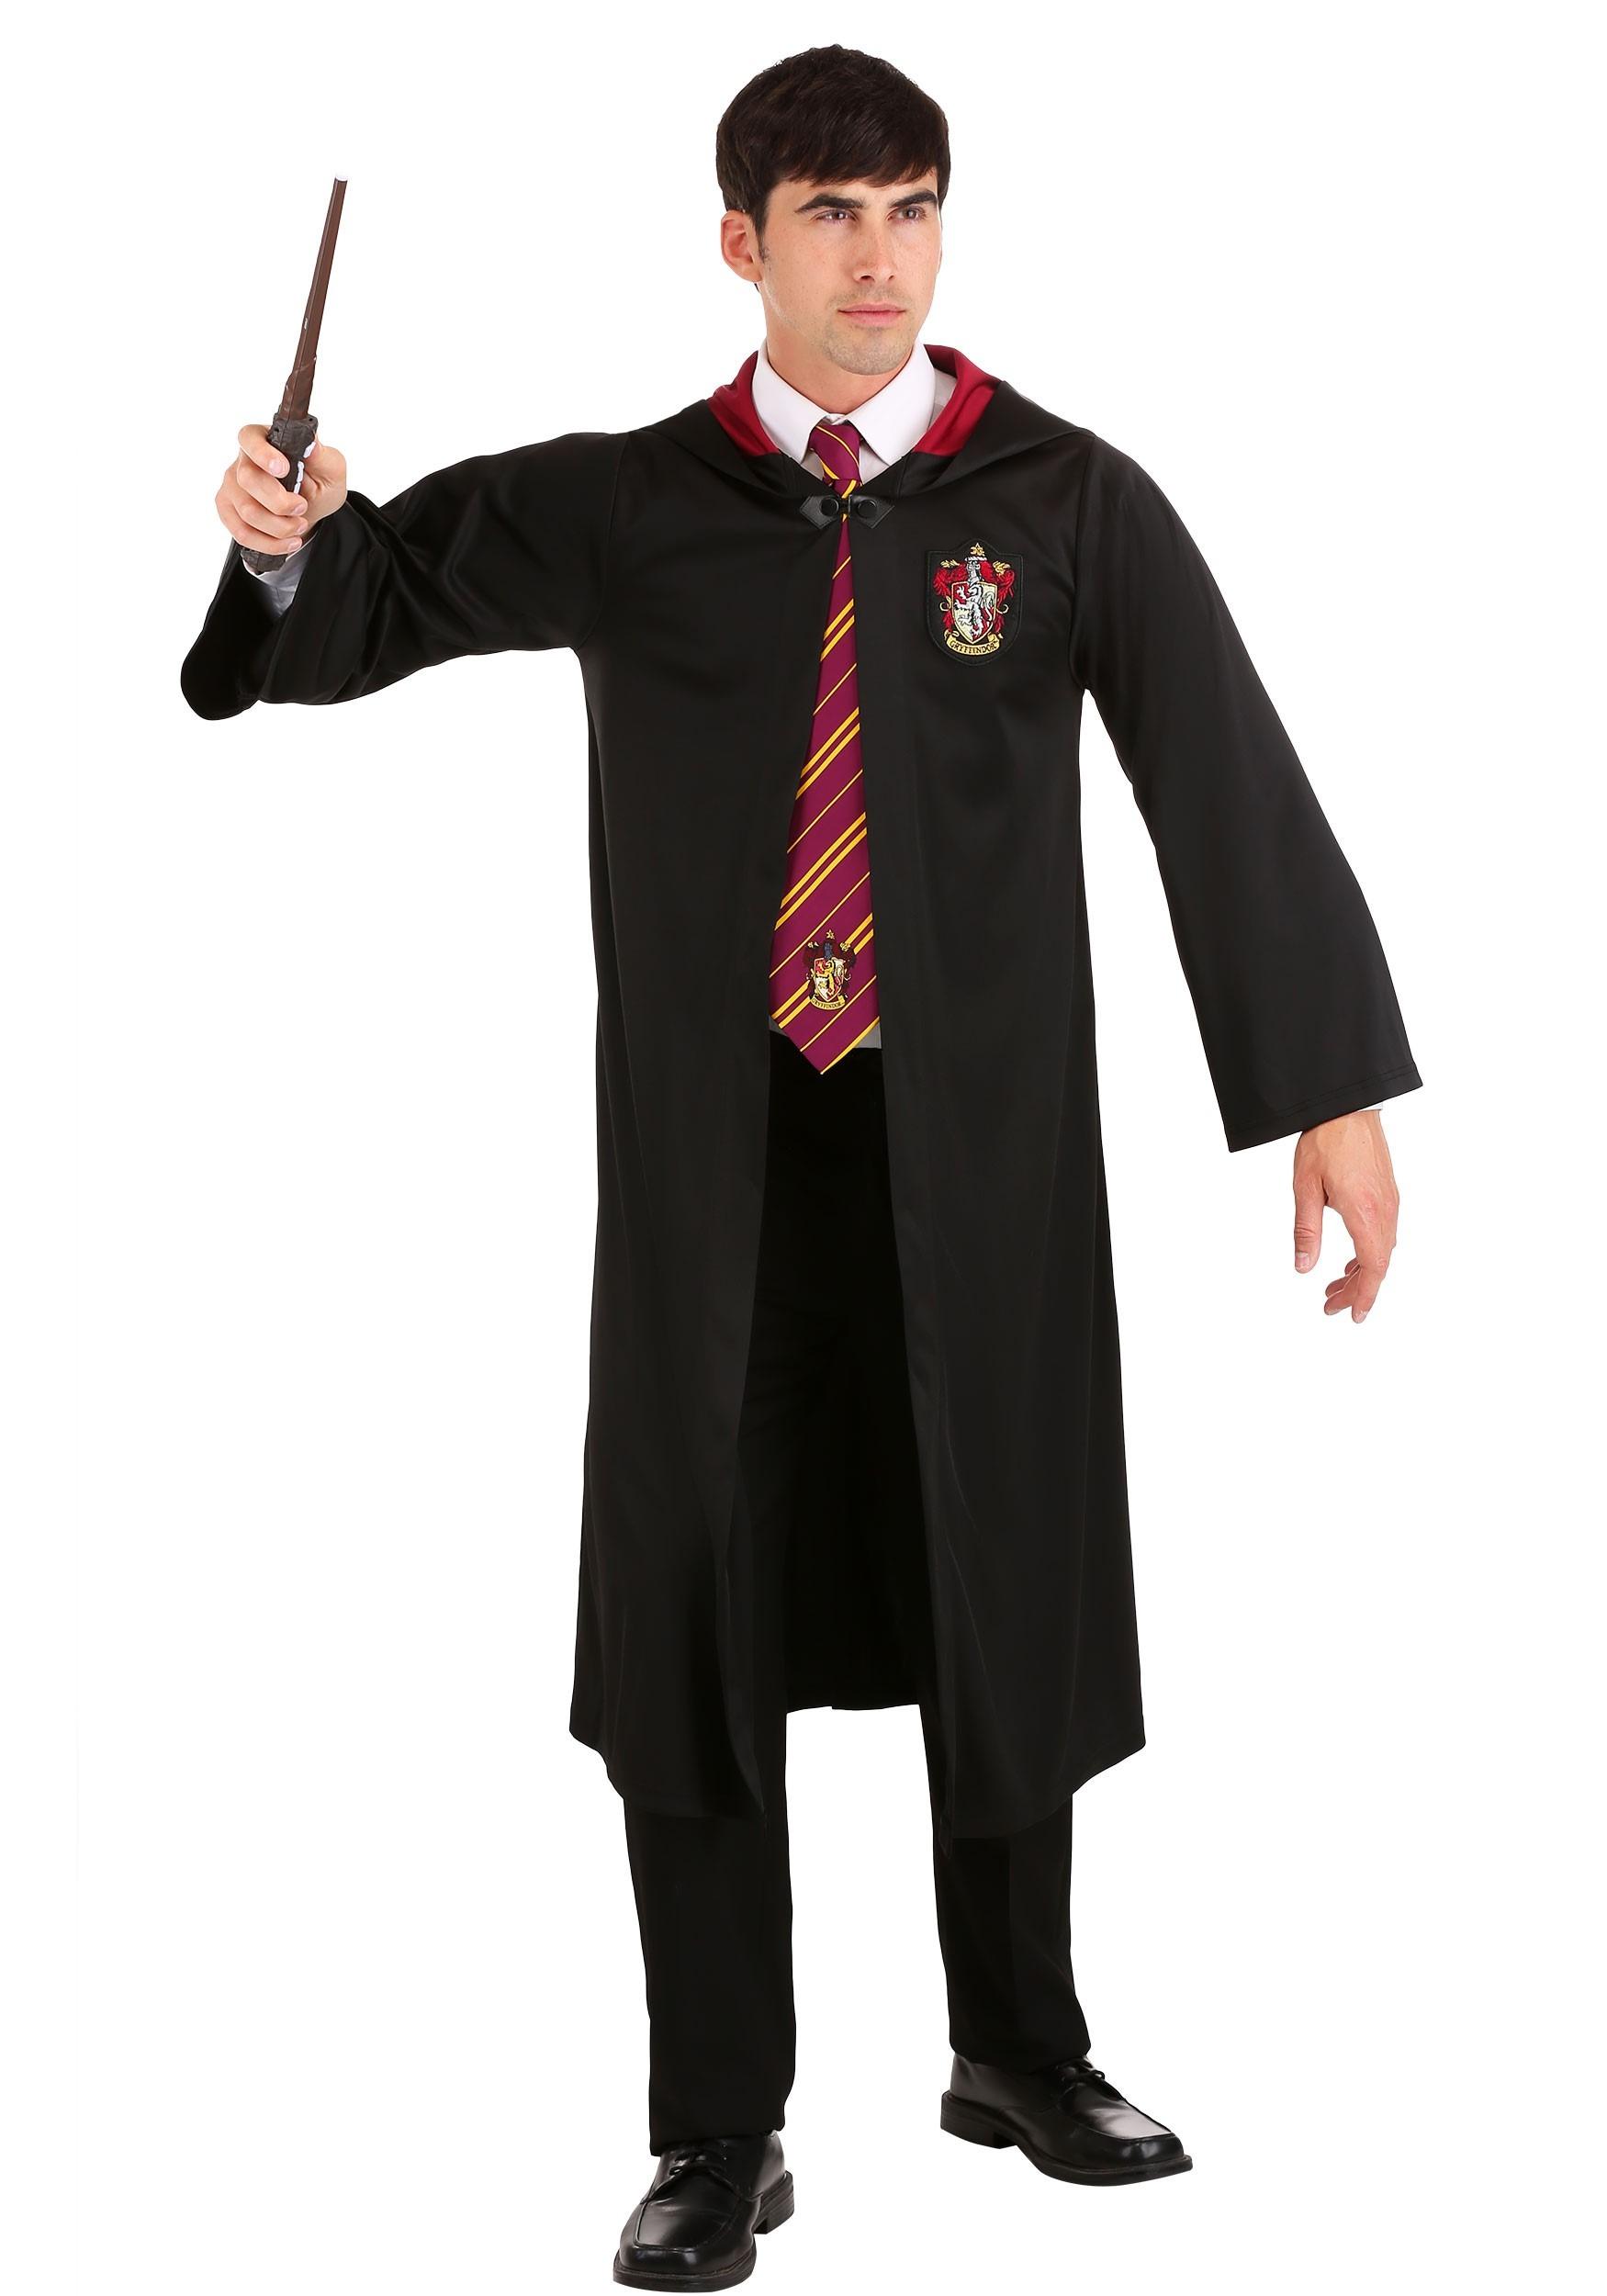 Harry Potter Gryffindor Hogwarts Men/'s Adult Size Costume Robe Size Standard